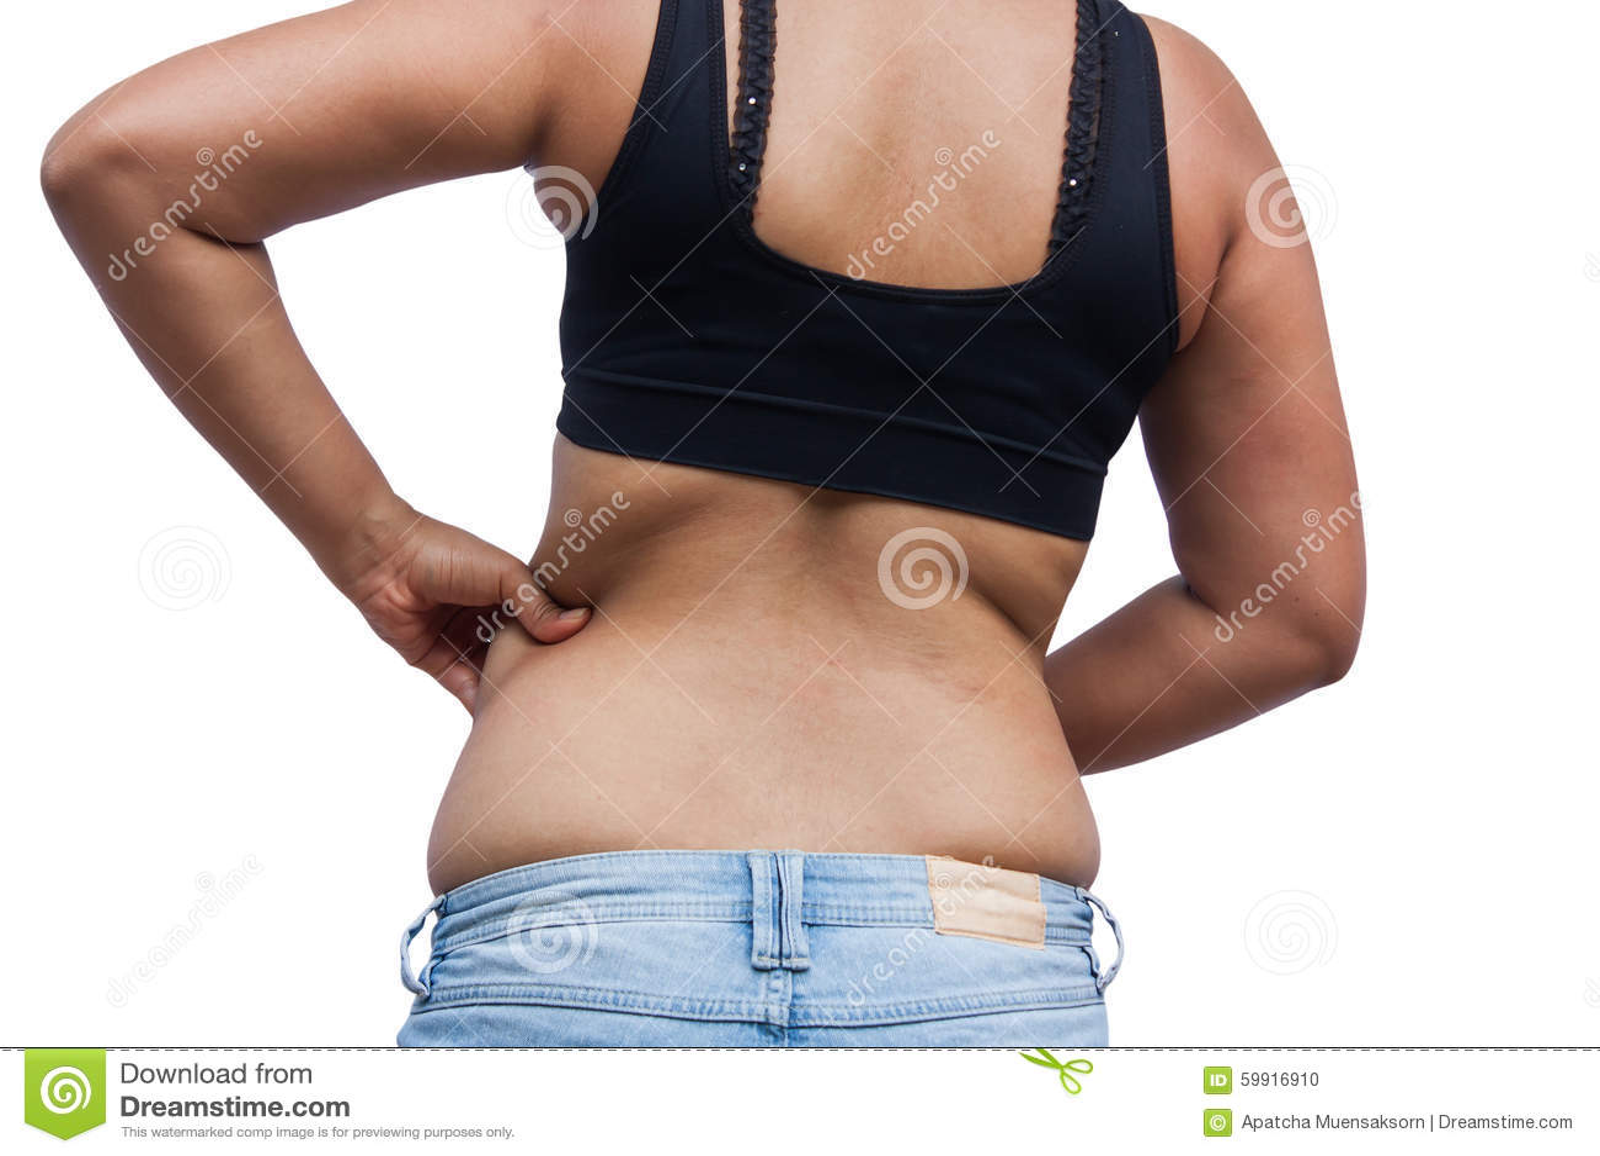 Μαύρα κορίτσια με λίπος οπίσθια